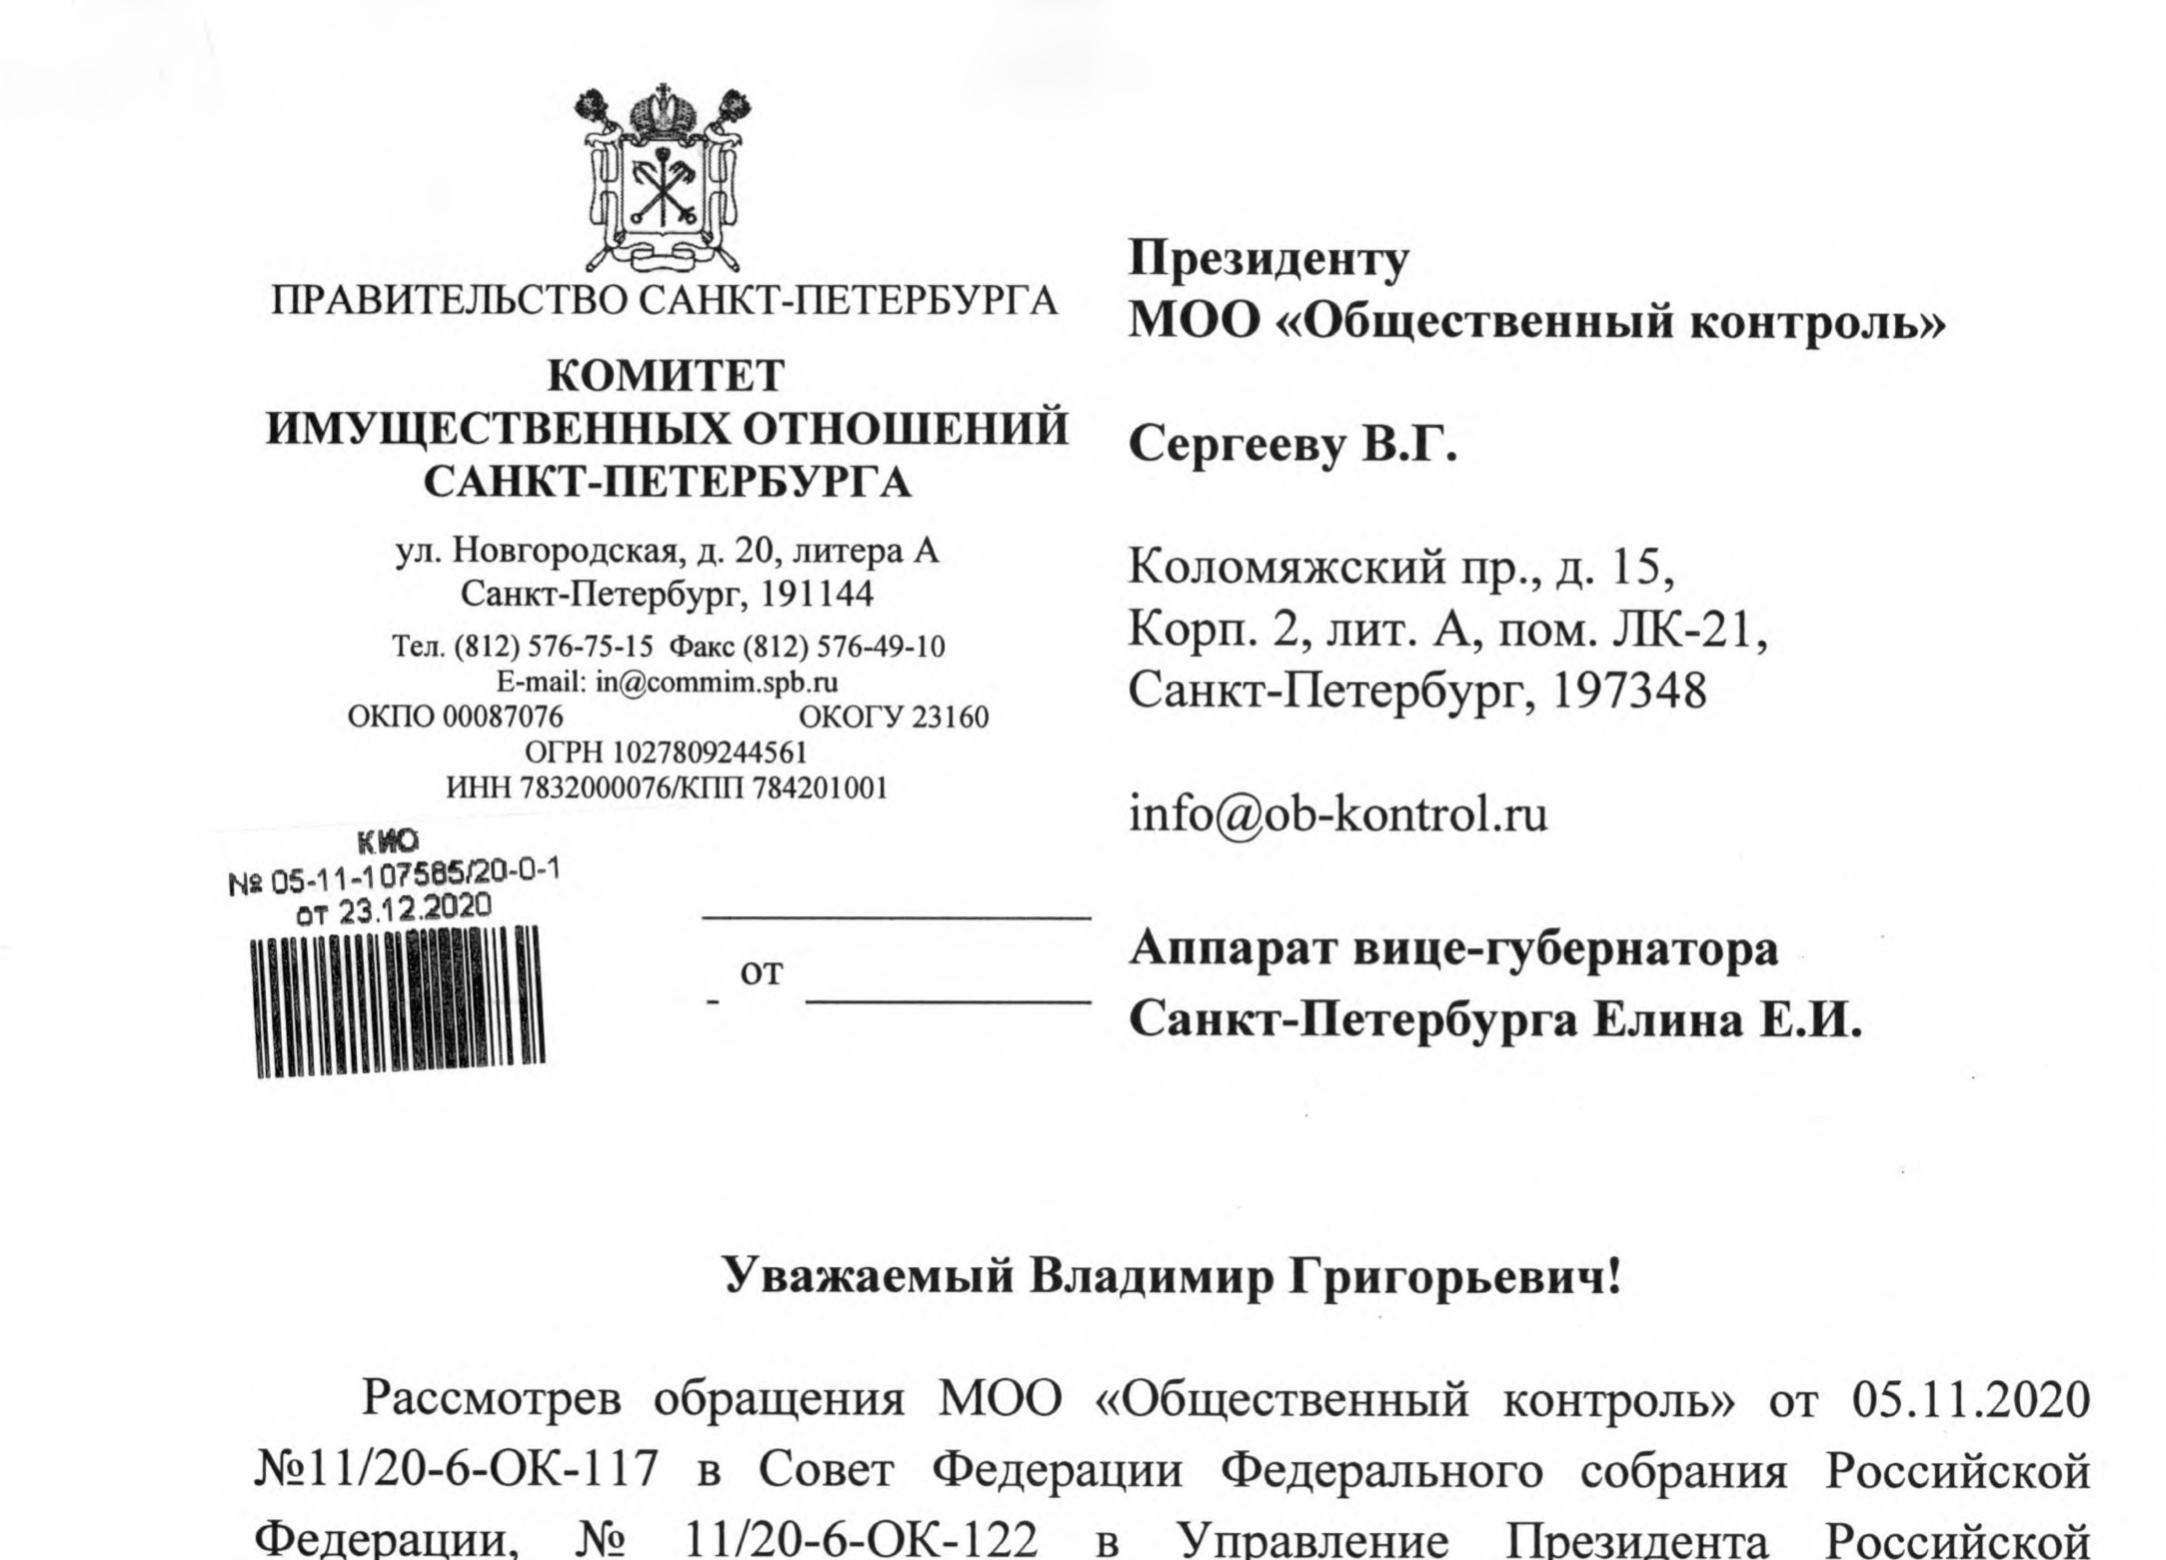 Ответ из Комитета имущественных отношений Санкт-Петербурга по вопросу застройки территории Санкт-Петербурга.